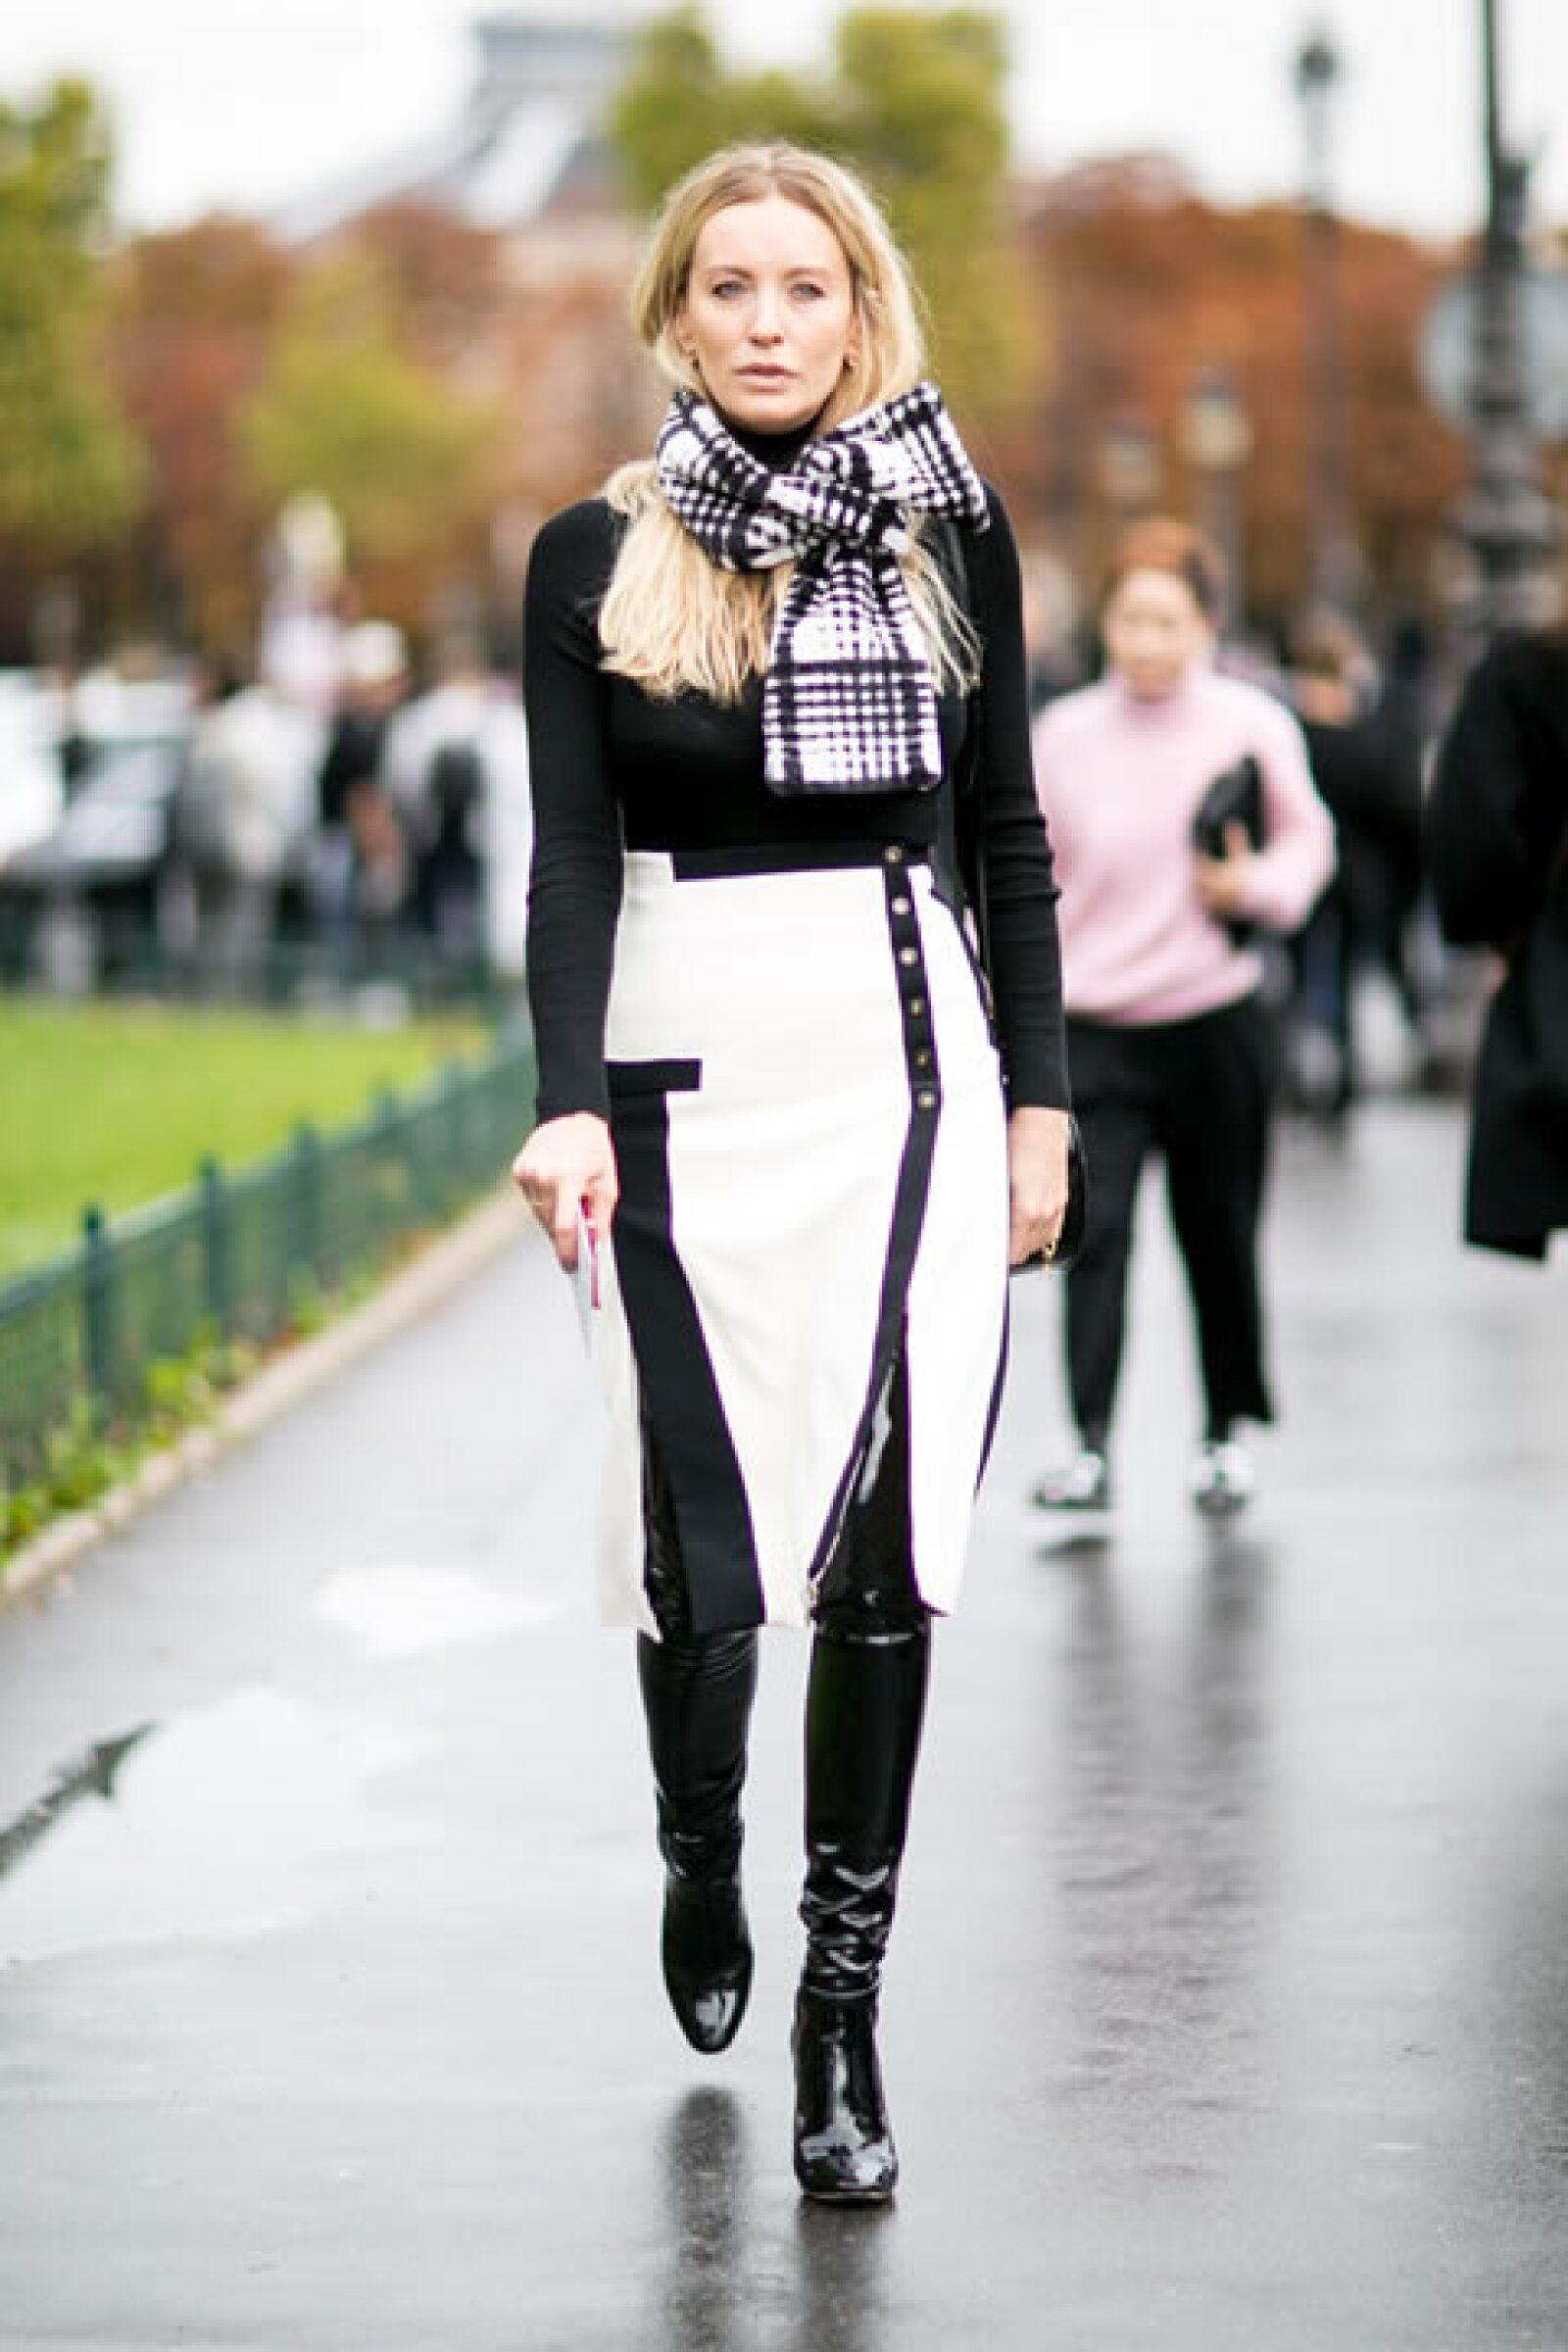 Blanco y negro, el clásico perfecto.